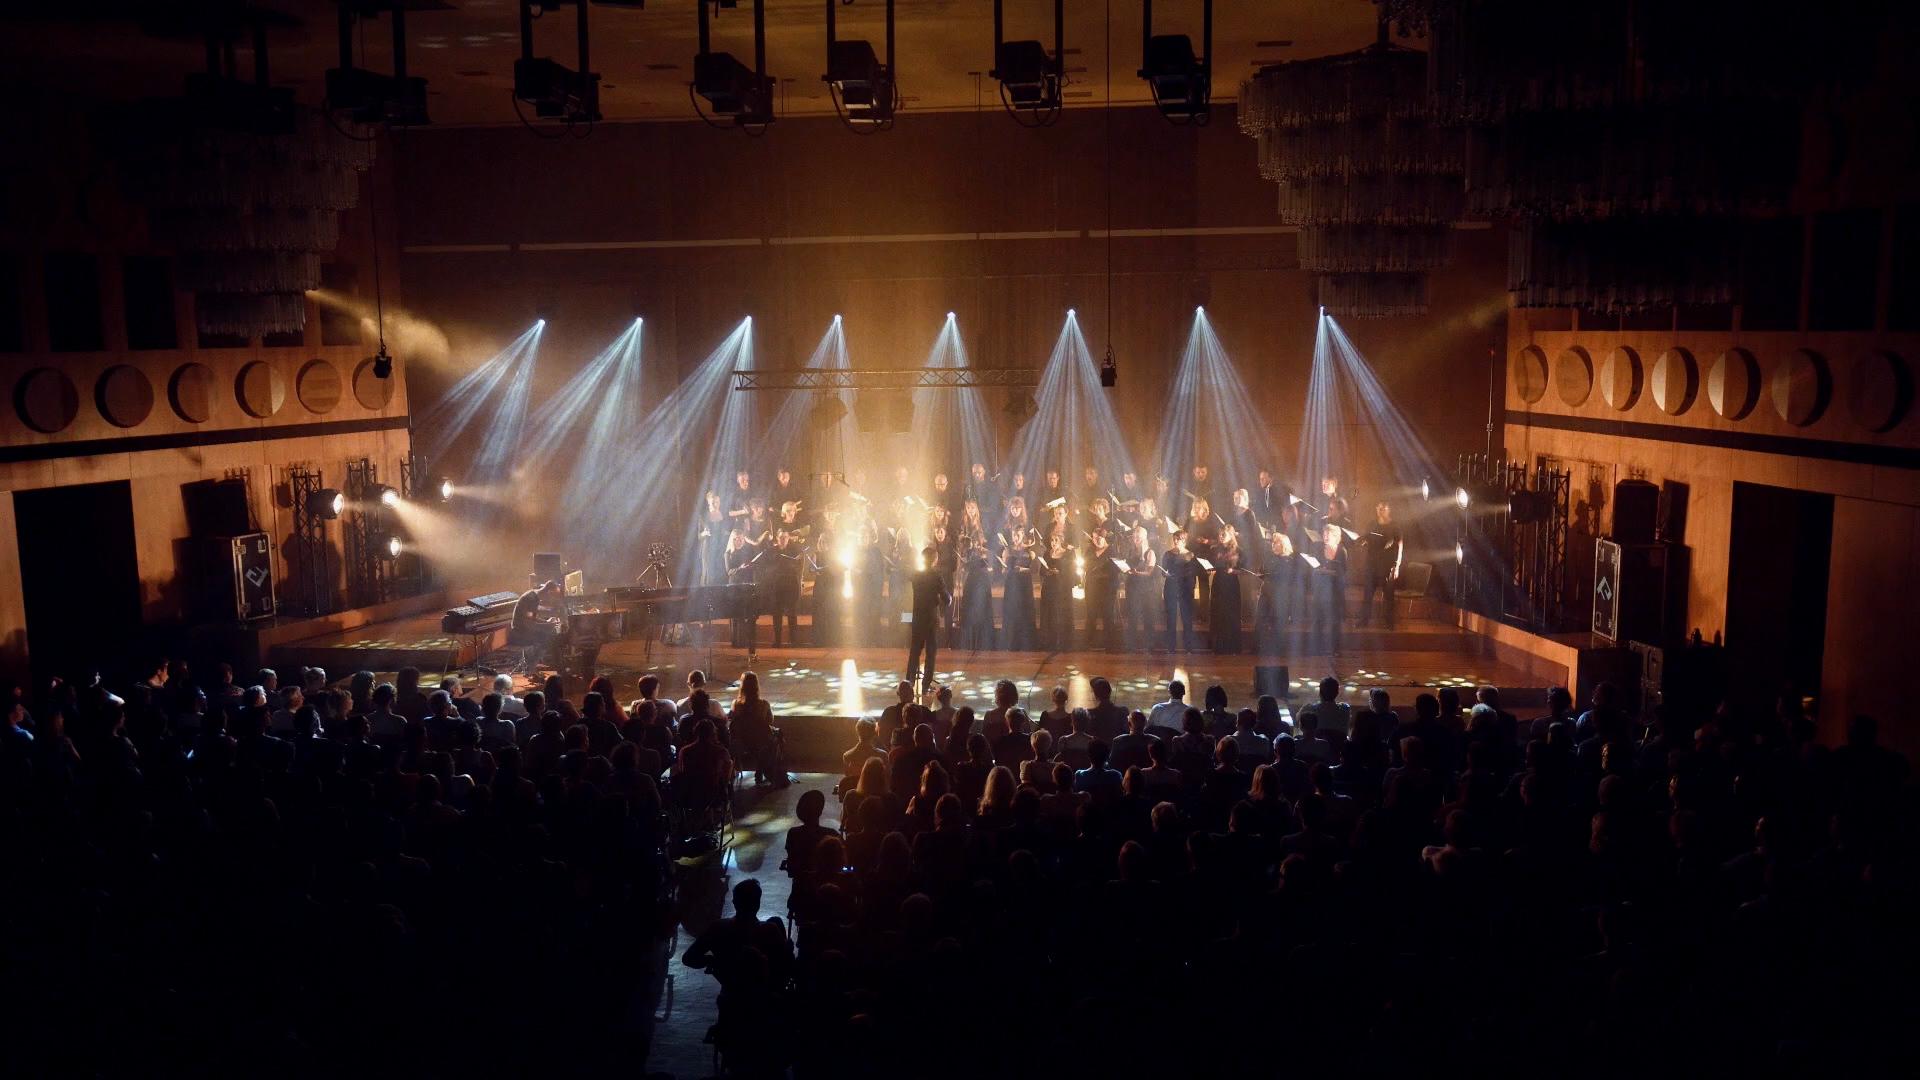 Filmproduktion Imagefilm Gewandhauschor Chor auf Bühne